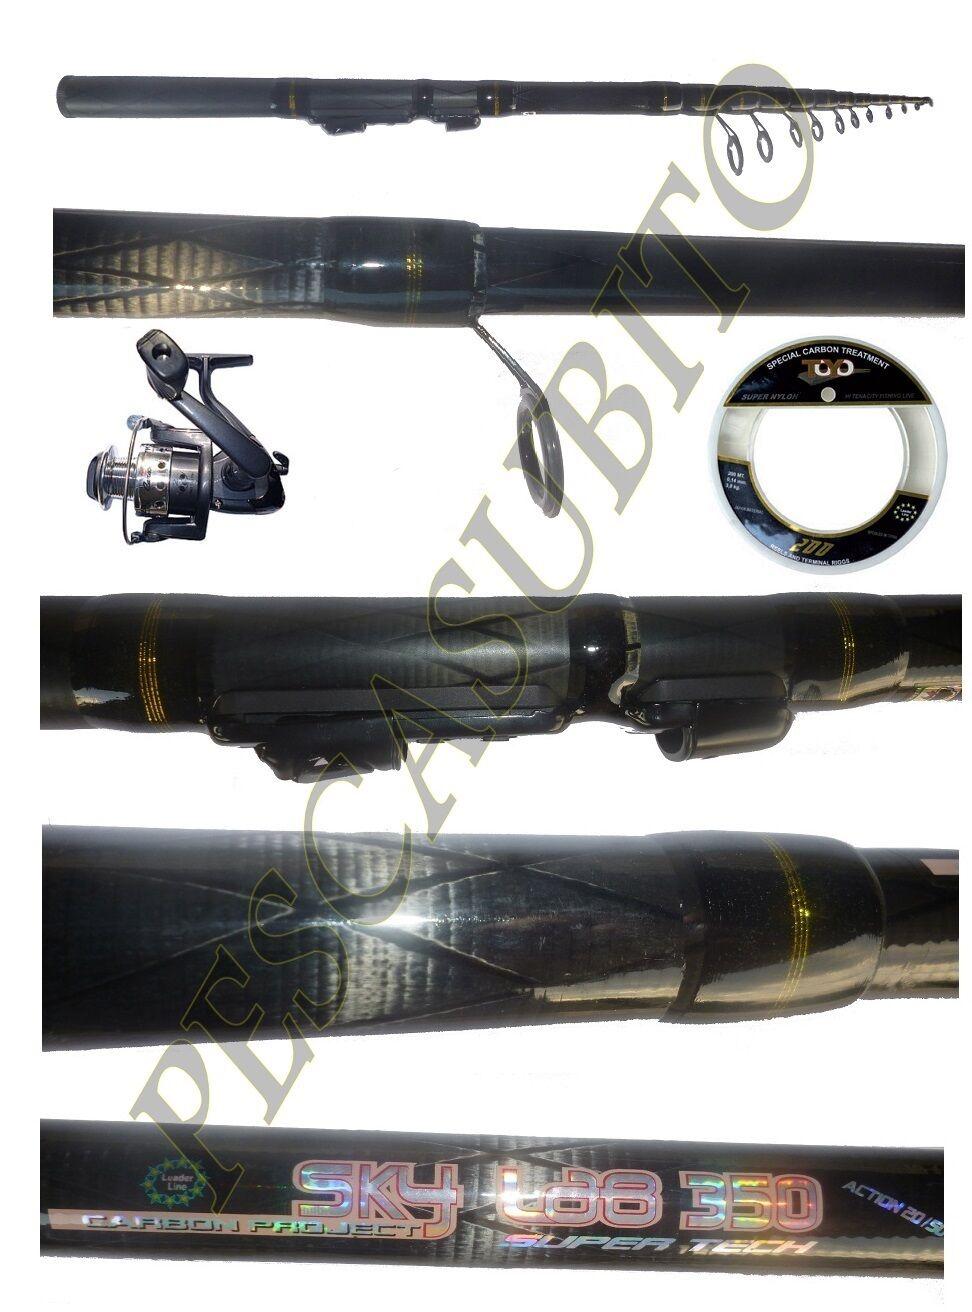 Kit canna cielolab 3,50m  mulinello  filo pesca bolognese fondo mare lago fiume